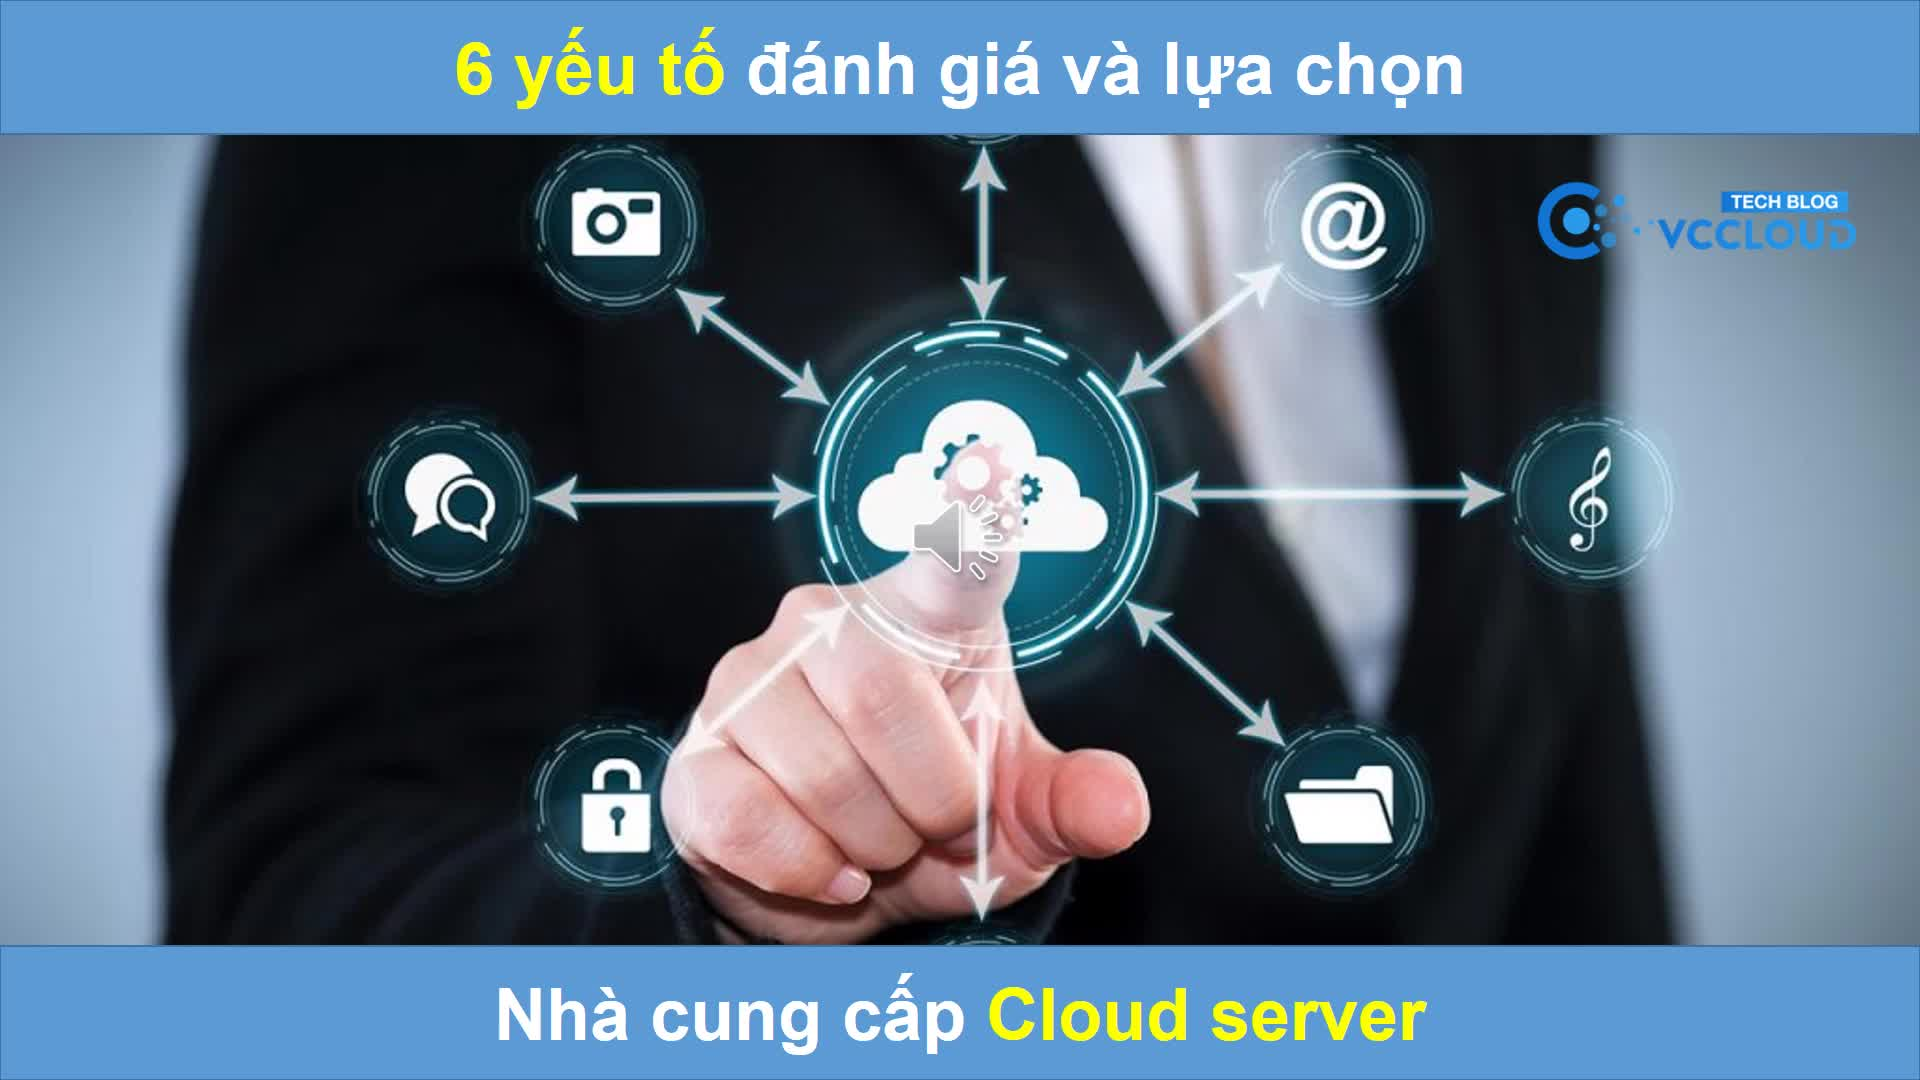 [Mutex video] 6 tiêu chí đánh giá và lựa chọn nhà cung cấp Cloud server